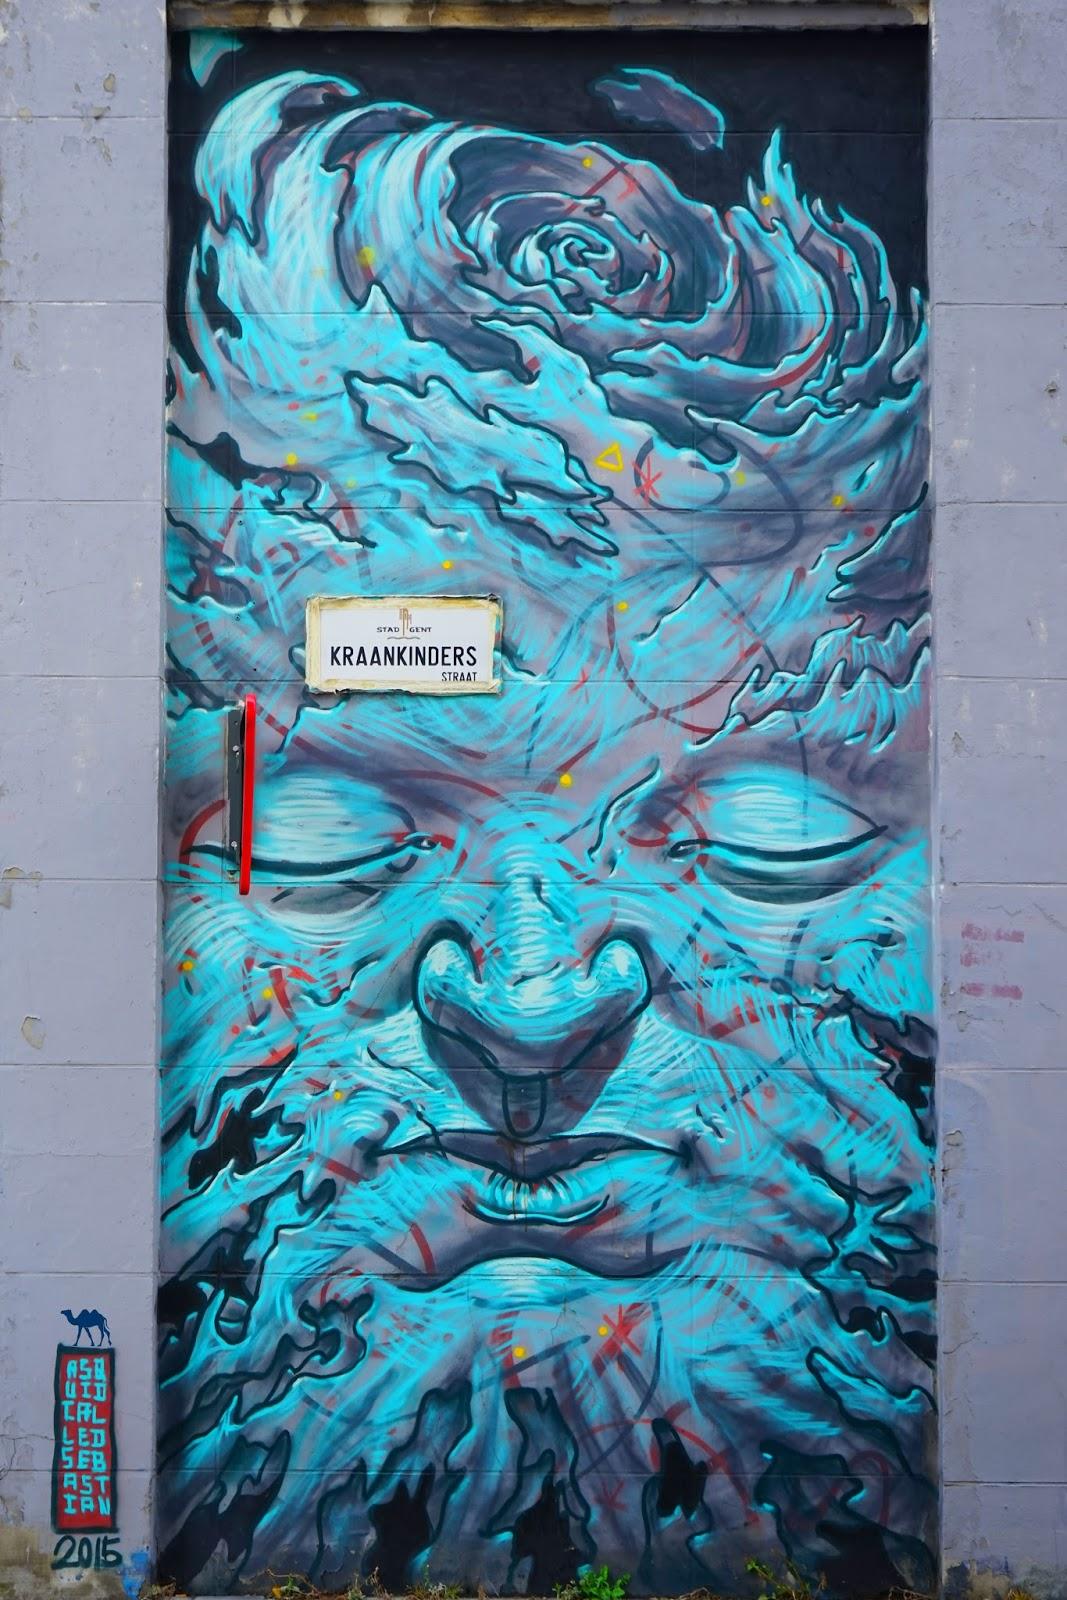 Le Chameau Bleu - Street art